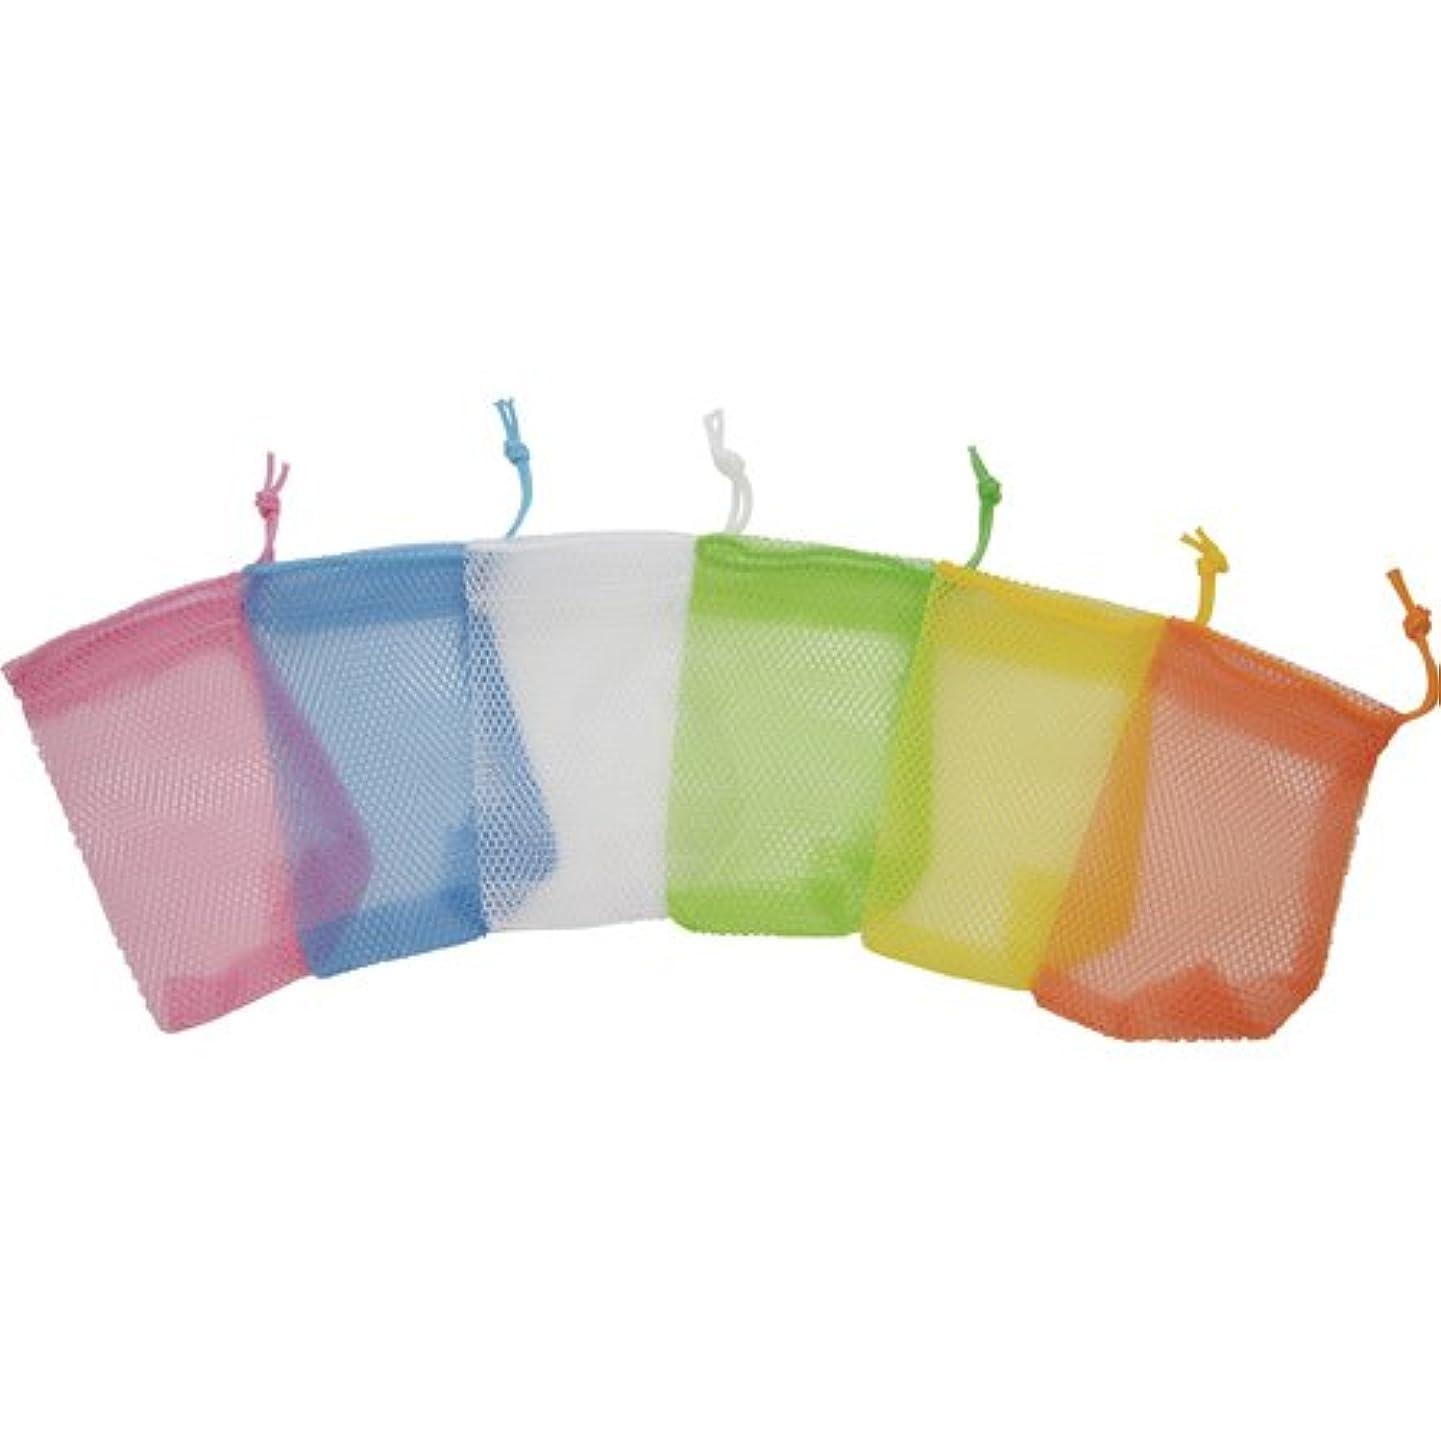 細い圧縮ロープsanwa(サンワ) 石鹸ネット ひもタイプ 6色アソート 24枚組 101551